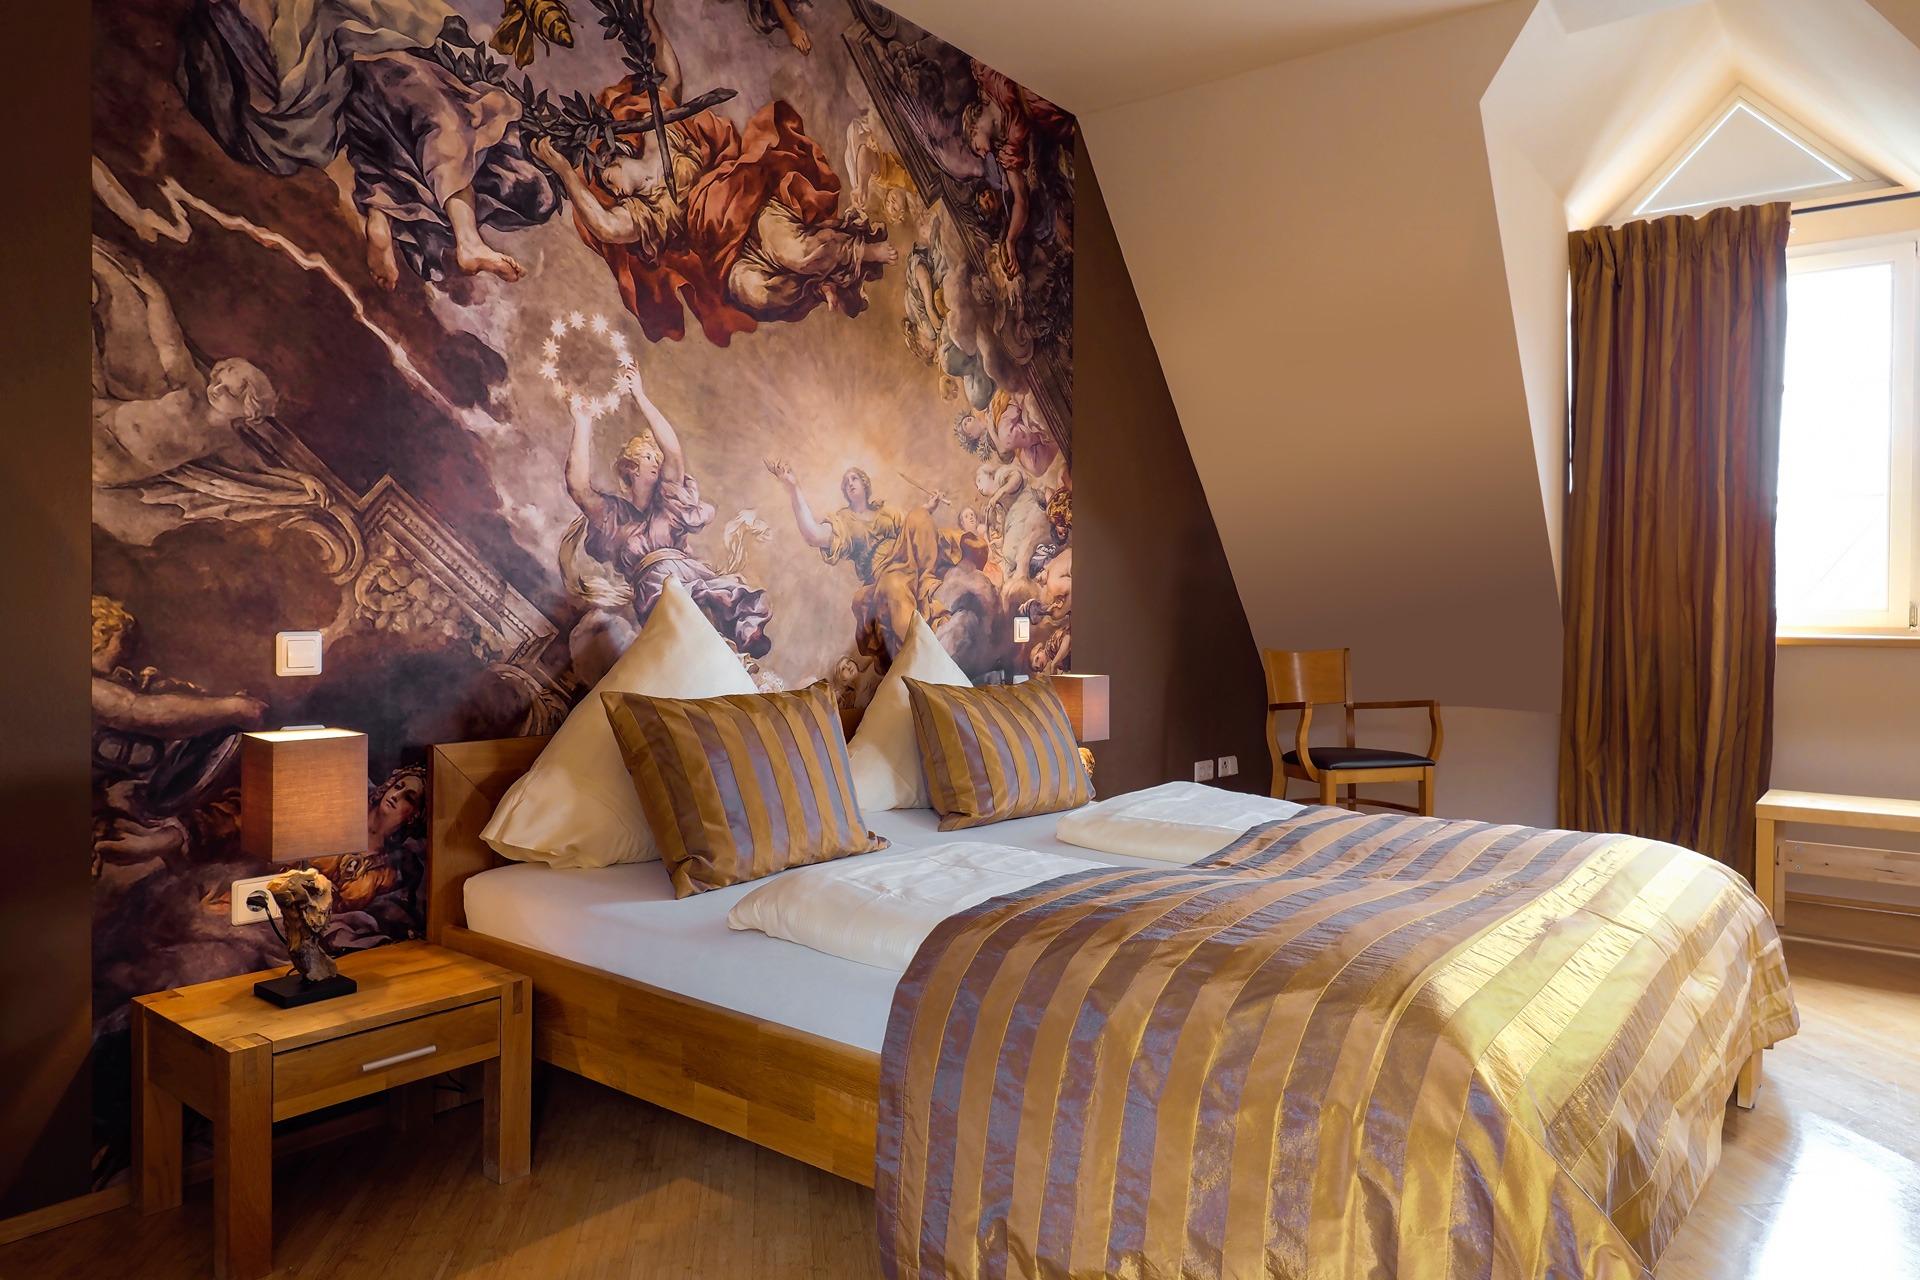 Suite mit Blick auf ein Doppelbett mit Wandbild in warmen Brauntönen